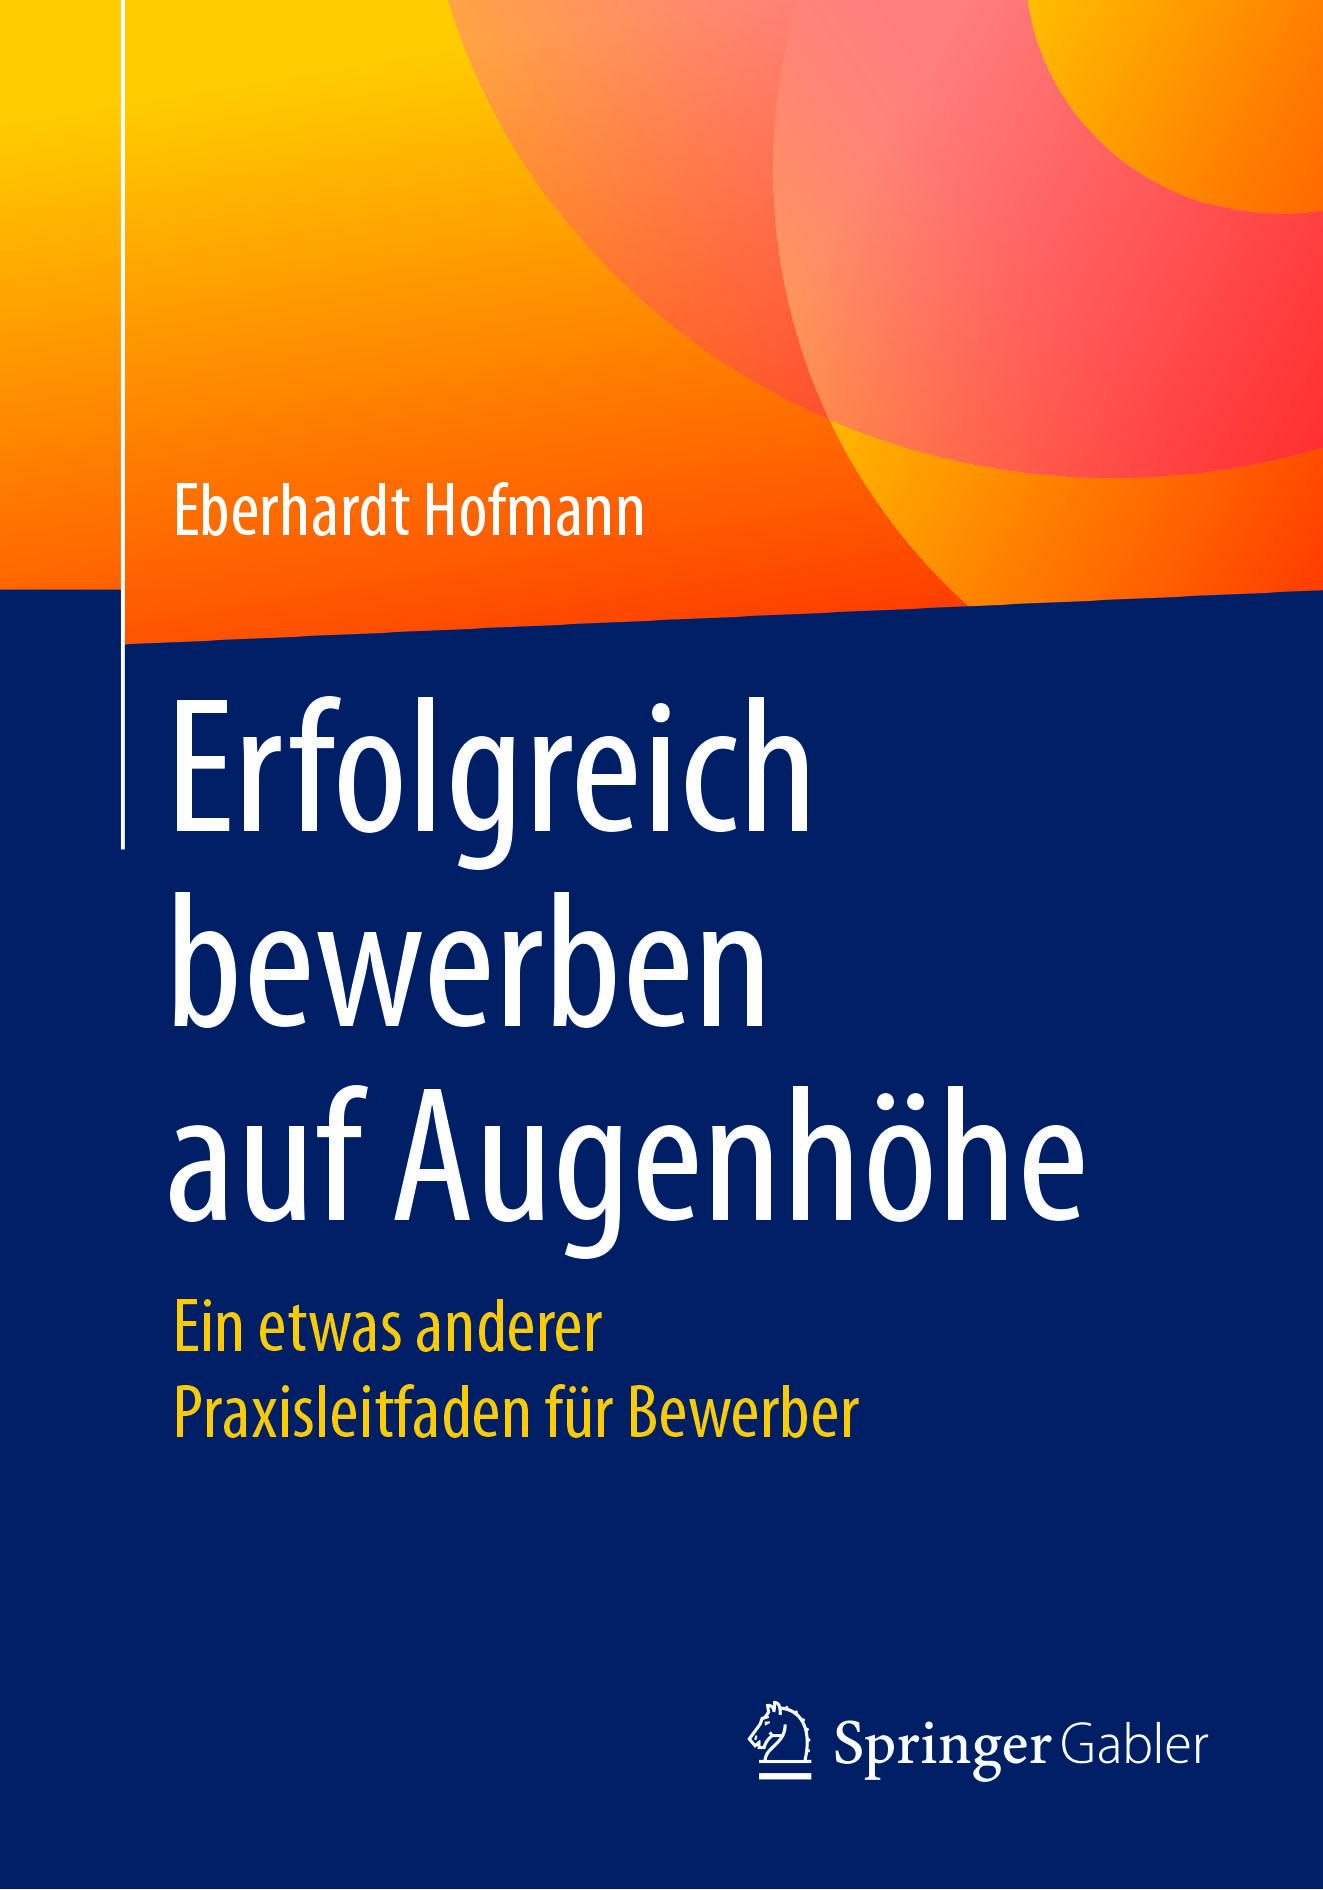 Hofmann, Eberhardt - Erfolgreich bewerben auf Augenhöhe, ebook